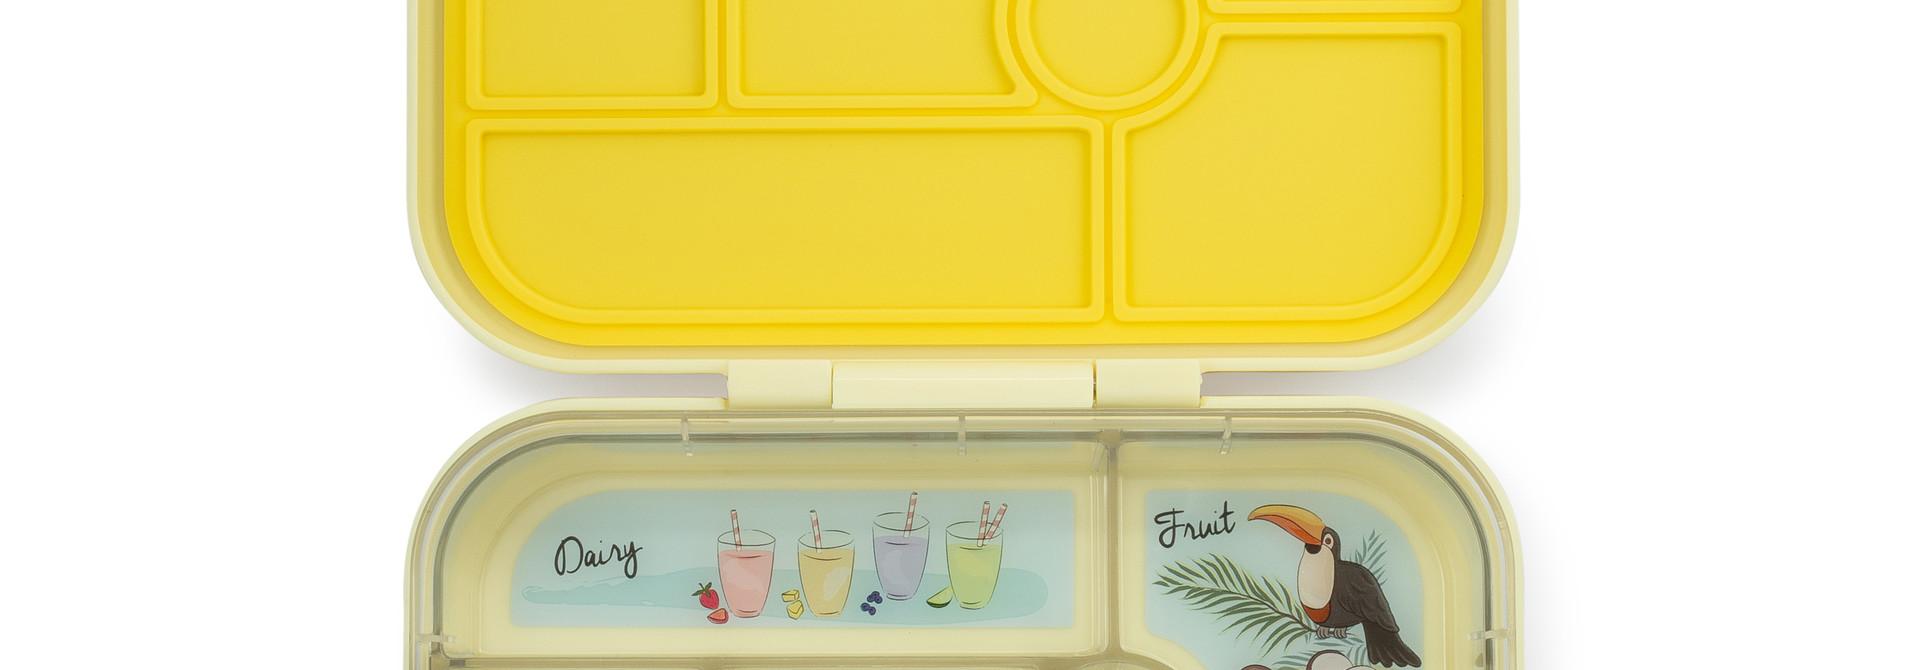 Yumbox Original broodtrommel 6 vakken Sunburst geel / Paradise tray